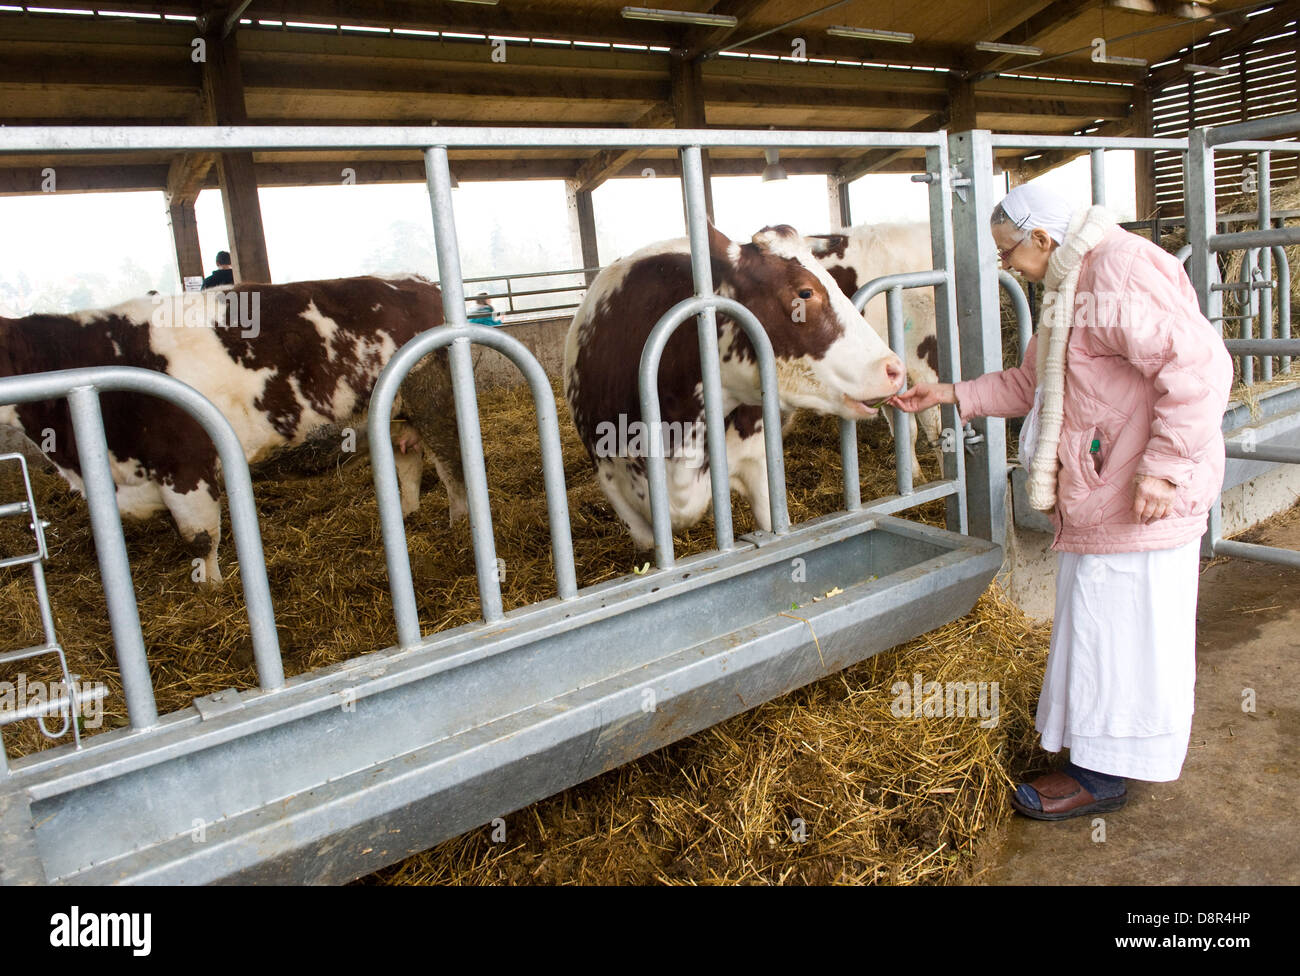 Gokul pix et laitiers copyright Nick Hare Krishna Cunard Le troupeau de 44 vaches et boeufs à George Harrison, ancien hôtel particulier dans le Hertfordshire est aussi calme que d'un temple. Gokul ferme laitière [sens place de vaches ] comprend 44 vaches et boeufs partie de George Harrison's vieux manoir Bhaktivedanta Manor dans le Hertfordshire . Un £2.5m 'protégé' vache complex c'est appelé un 'Hilton pour les vaches' et un modèle de développement durable de l'élevage laitier. Les 3 000 m² de l'immeuble qui est la résidence d'hiver du troupeau, est un croisement entre une crèche, un atelier et une vieille maison de vache. Même si ce n'est pas actuellement en vente au public les coûts informatiques Banque D'Images